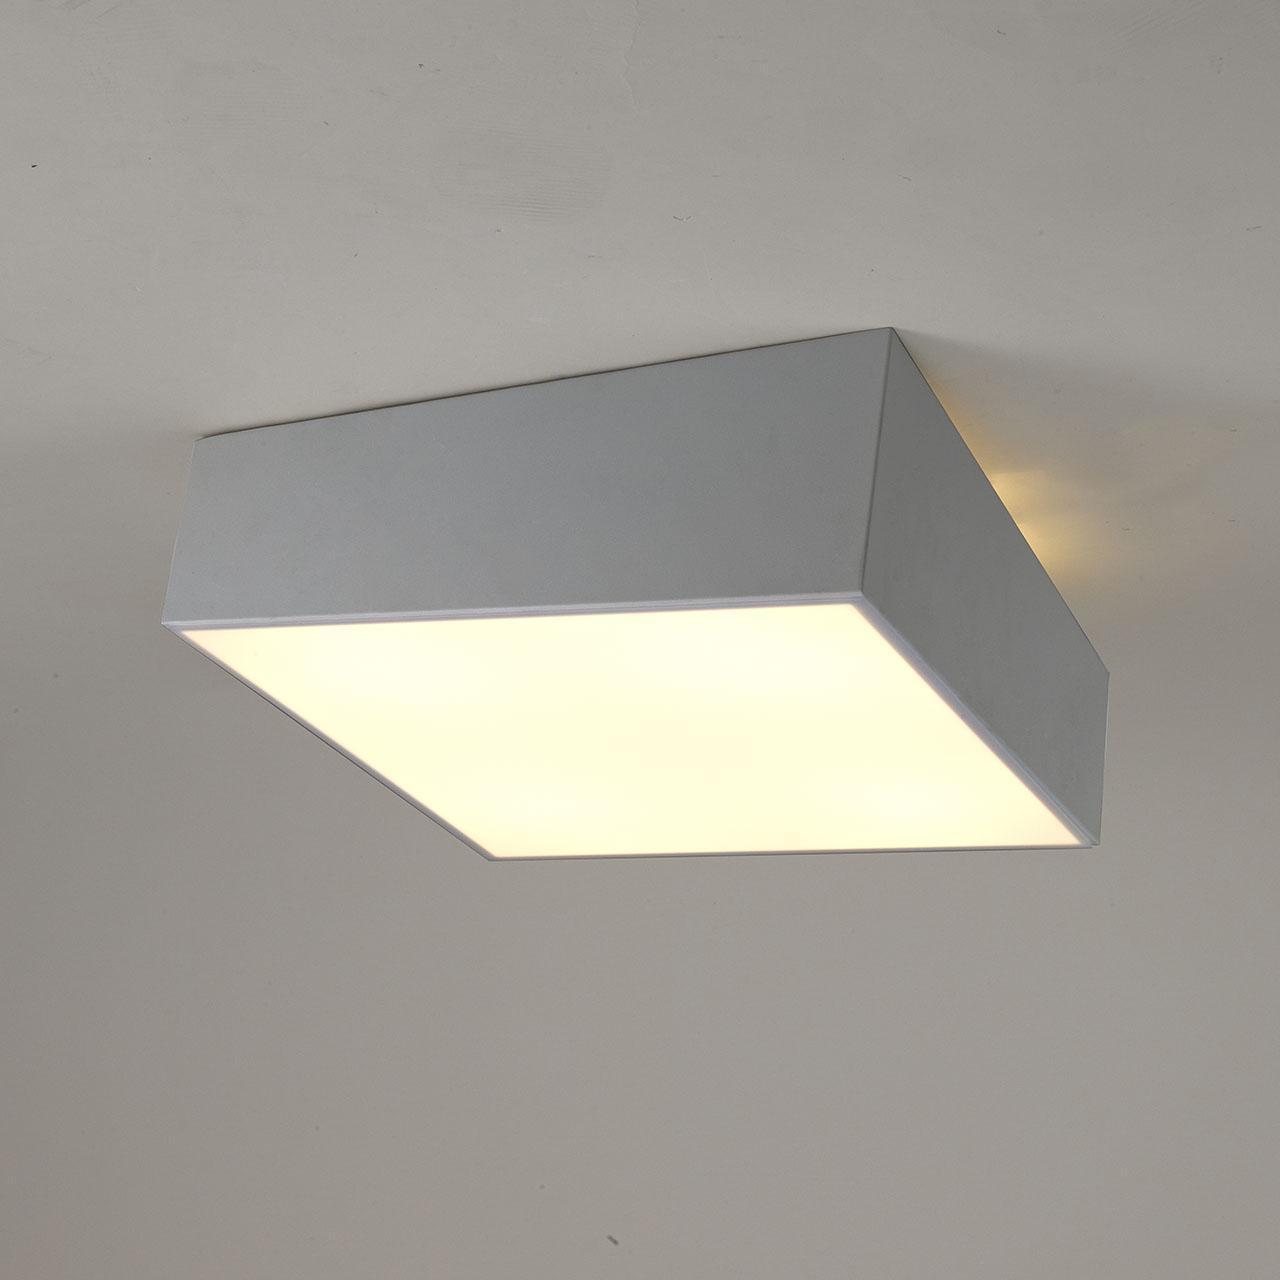 Потолочный светильник Mantra Mini 6163 nowley 8 6163 0 2